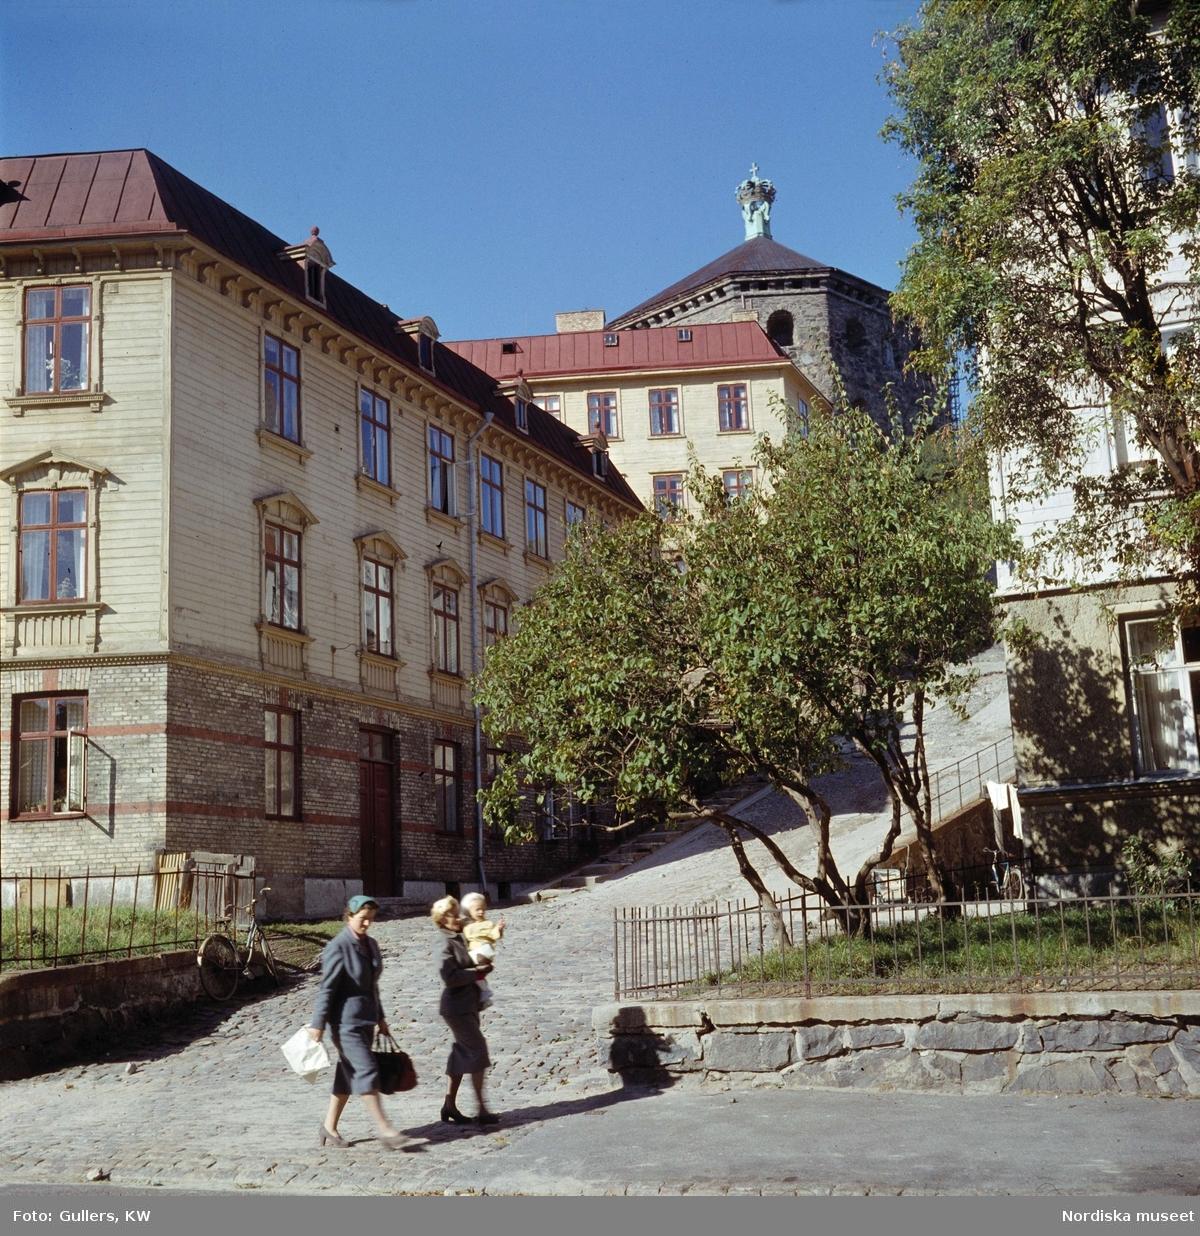 Göteborg. Trähus, kullerstensgata. Kvinnor och ett barn i förgrunden. Skansen Kronan.